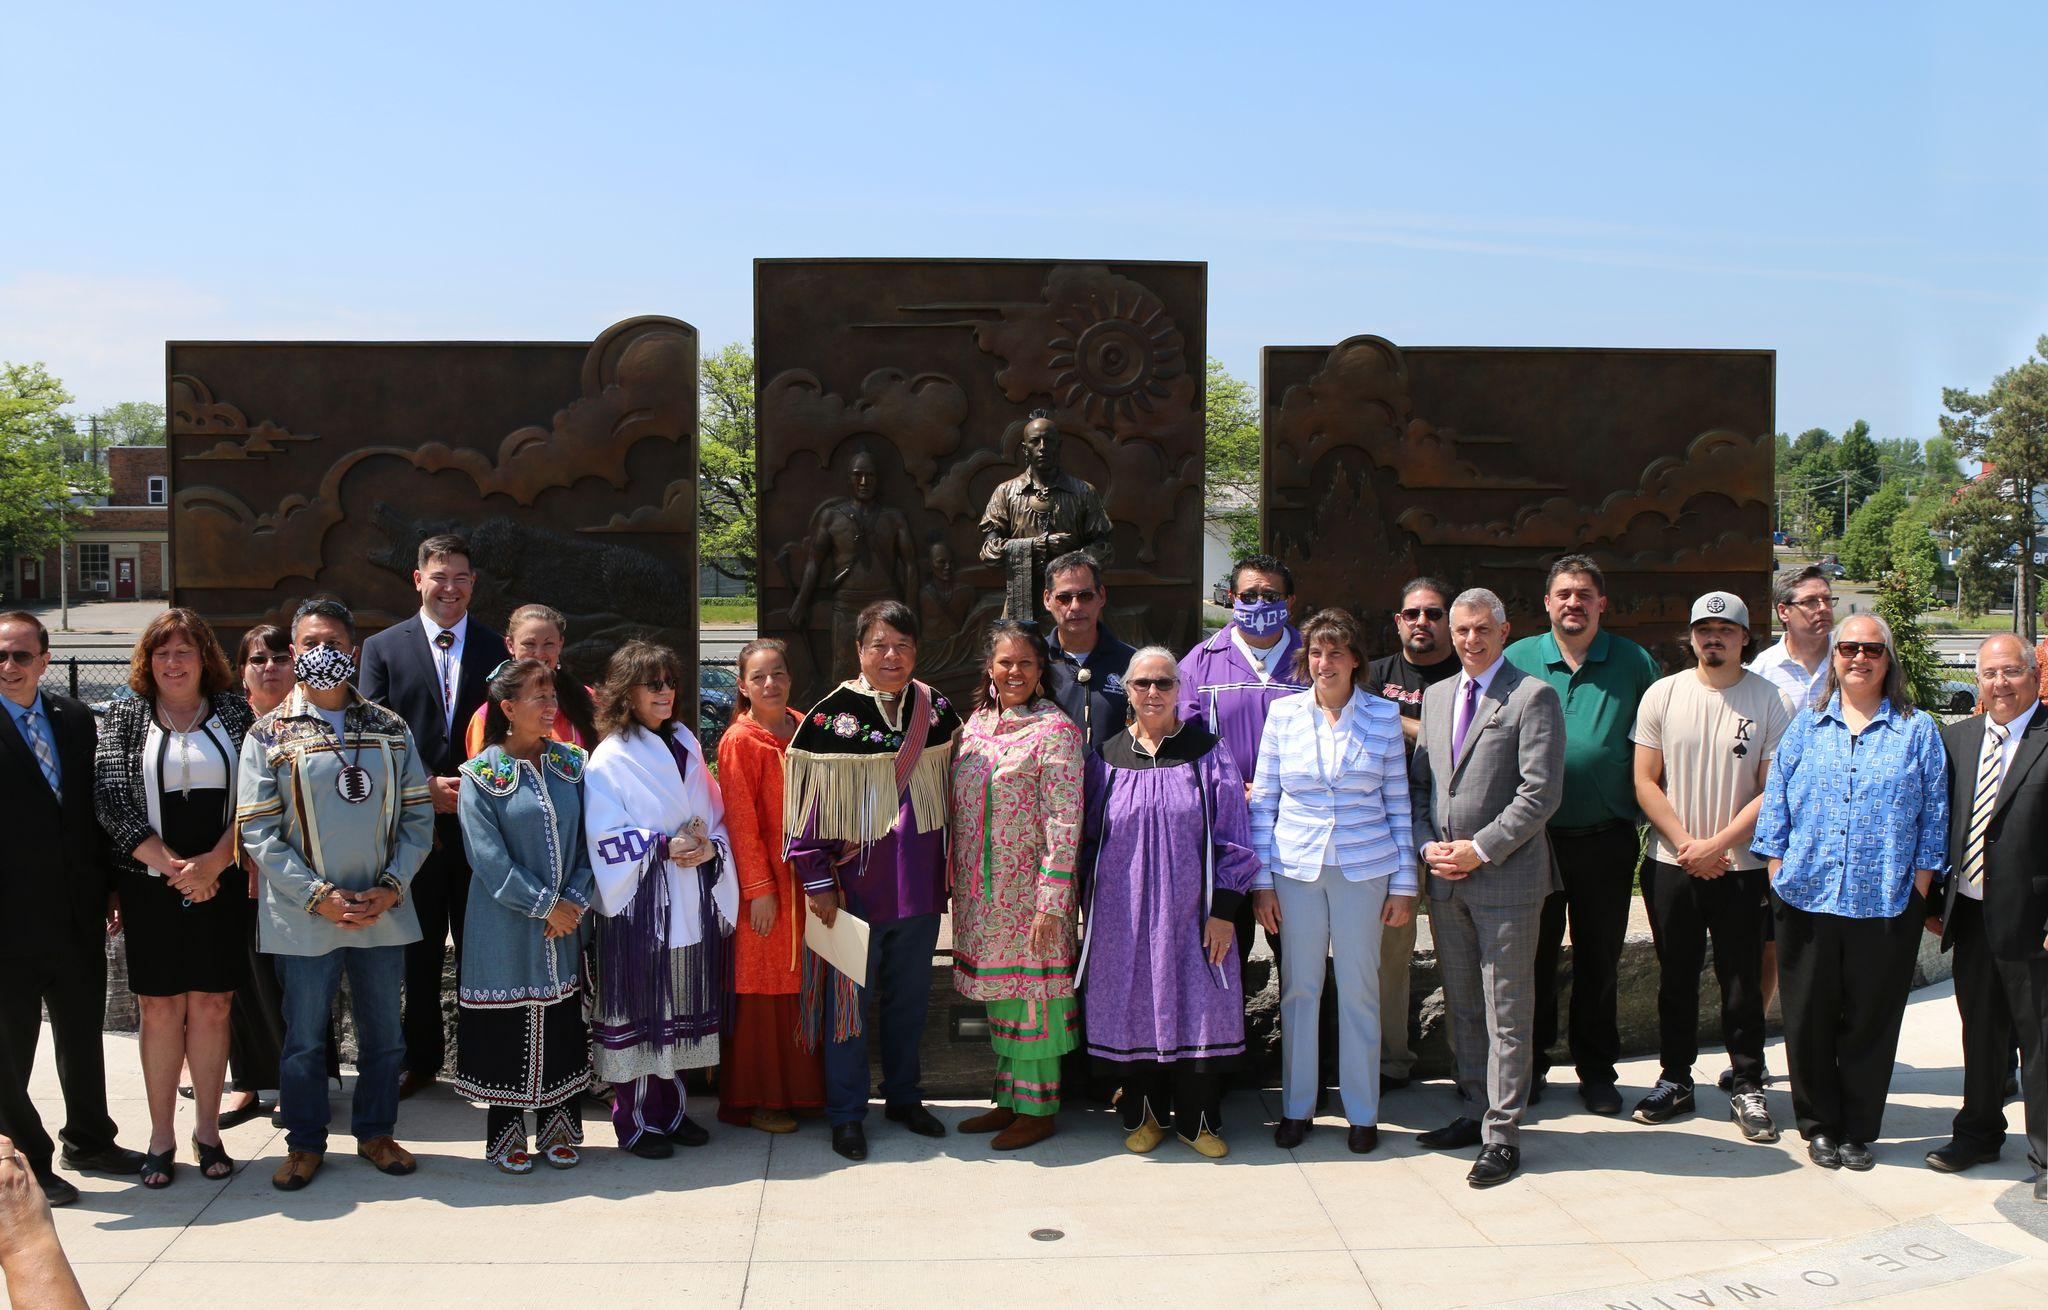 Oneida statue unveiling